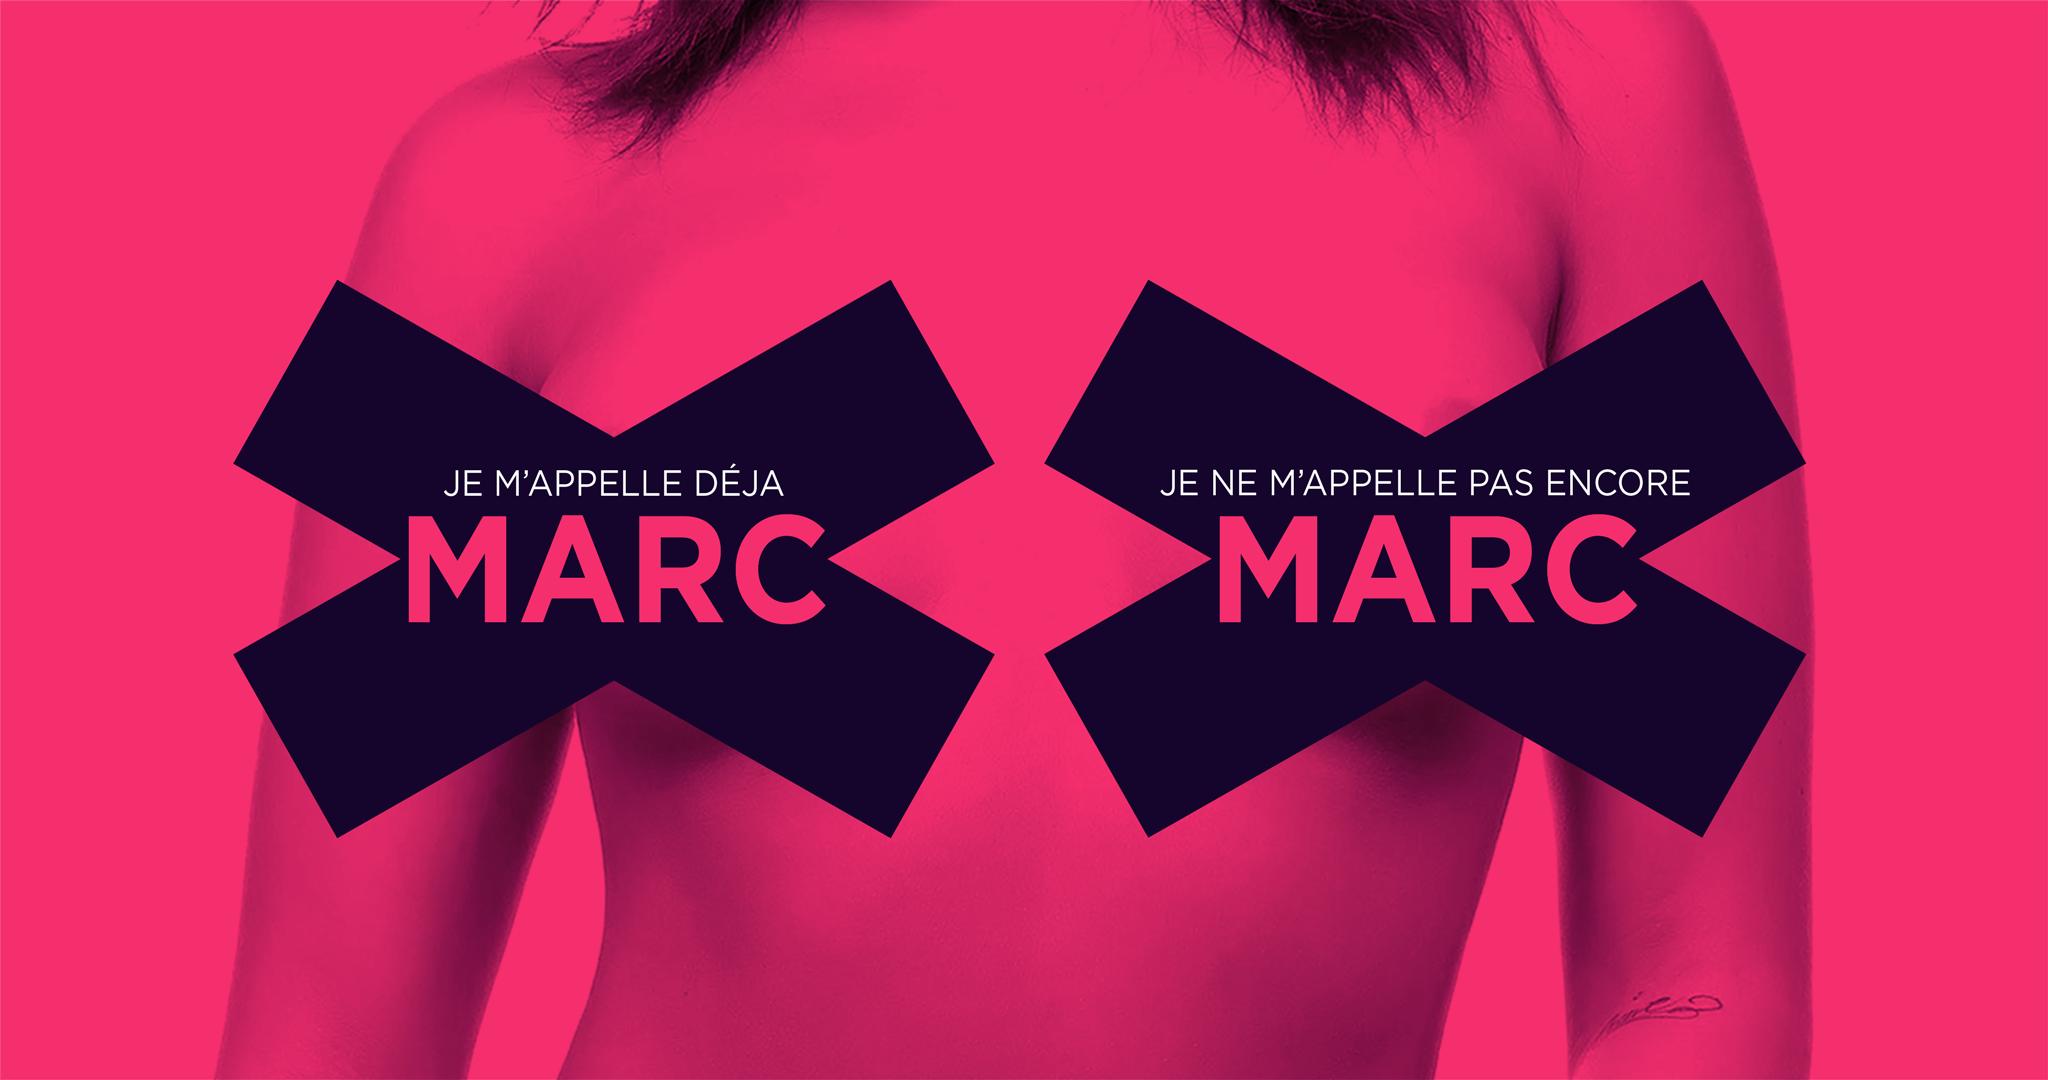 MarcOuRien Marc Dorcel Defie Les Influenceurs De Changer Nom Sur Facebook